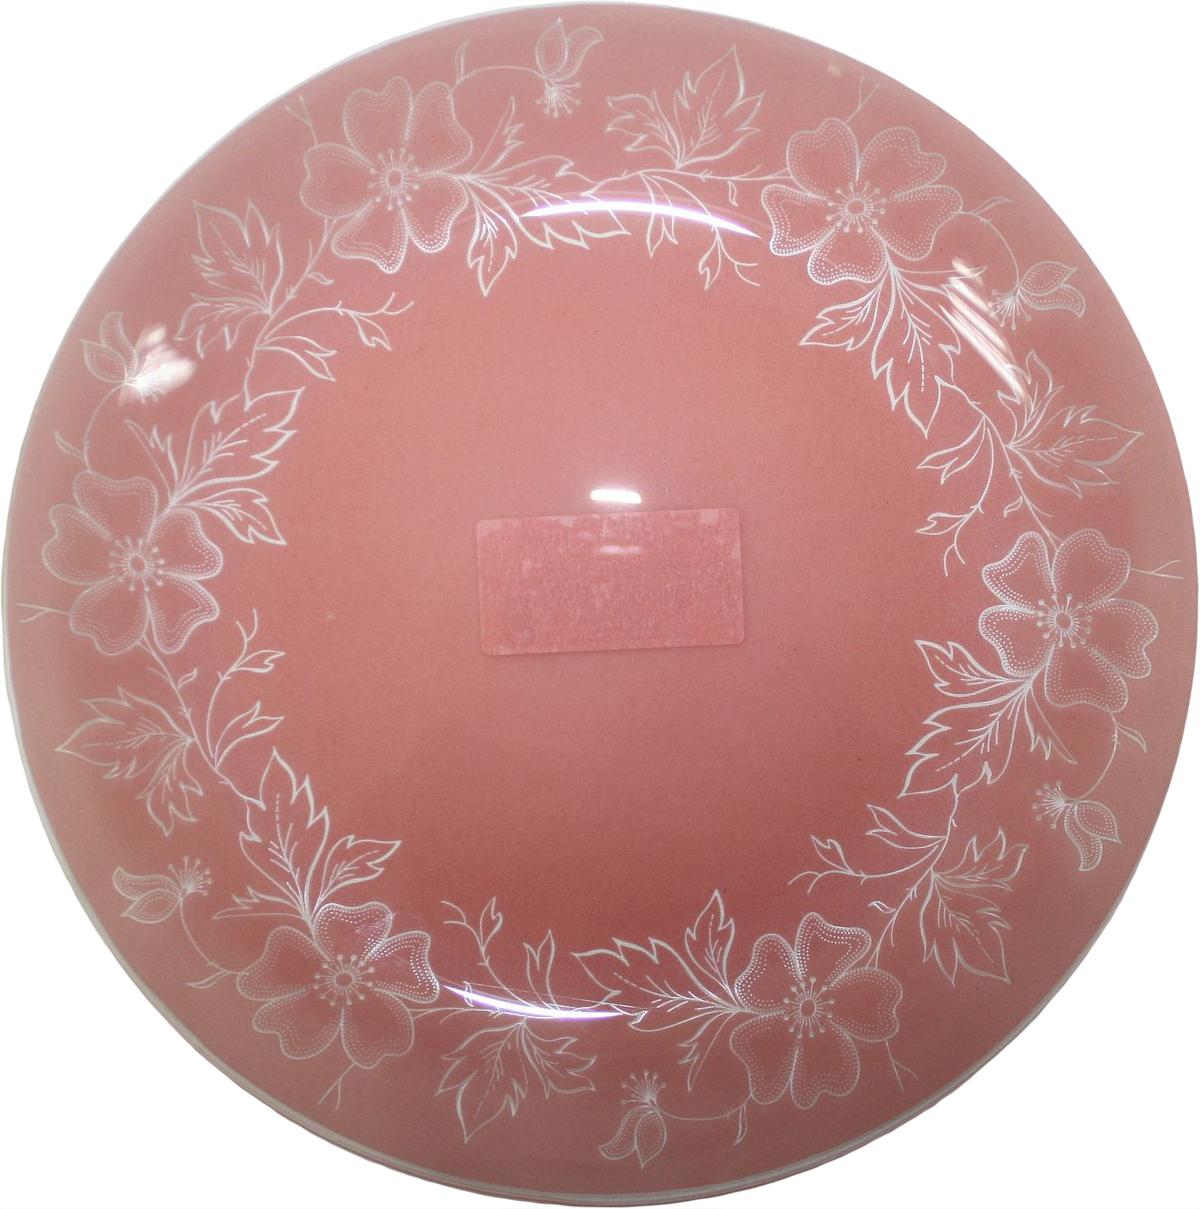 Тарелка NiNaGlass Лара, цвет: красный, диаметр 26 см85-260-075пкТарелка NiNaGlass Лара выполнена из высококачественного стекла и оформлена красивым цветочным узором. Тарелка идеальна для подачи вторых блюд, а также сервировки закусок, нарезок, салатов, овощей и фруктов. Она отлично подойдет как для повседневных, так и для торжественных случаев. Такая тарелка прекрасно впишется в интерьер вашей кухни и станет достойным дополнением к кухонному инвентарю.